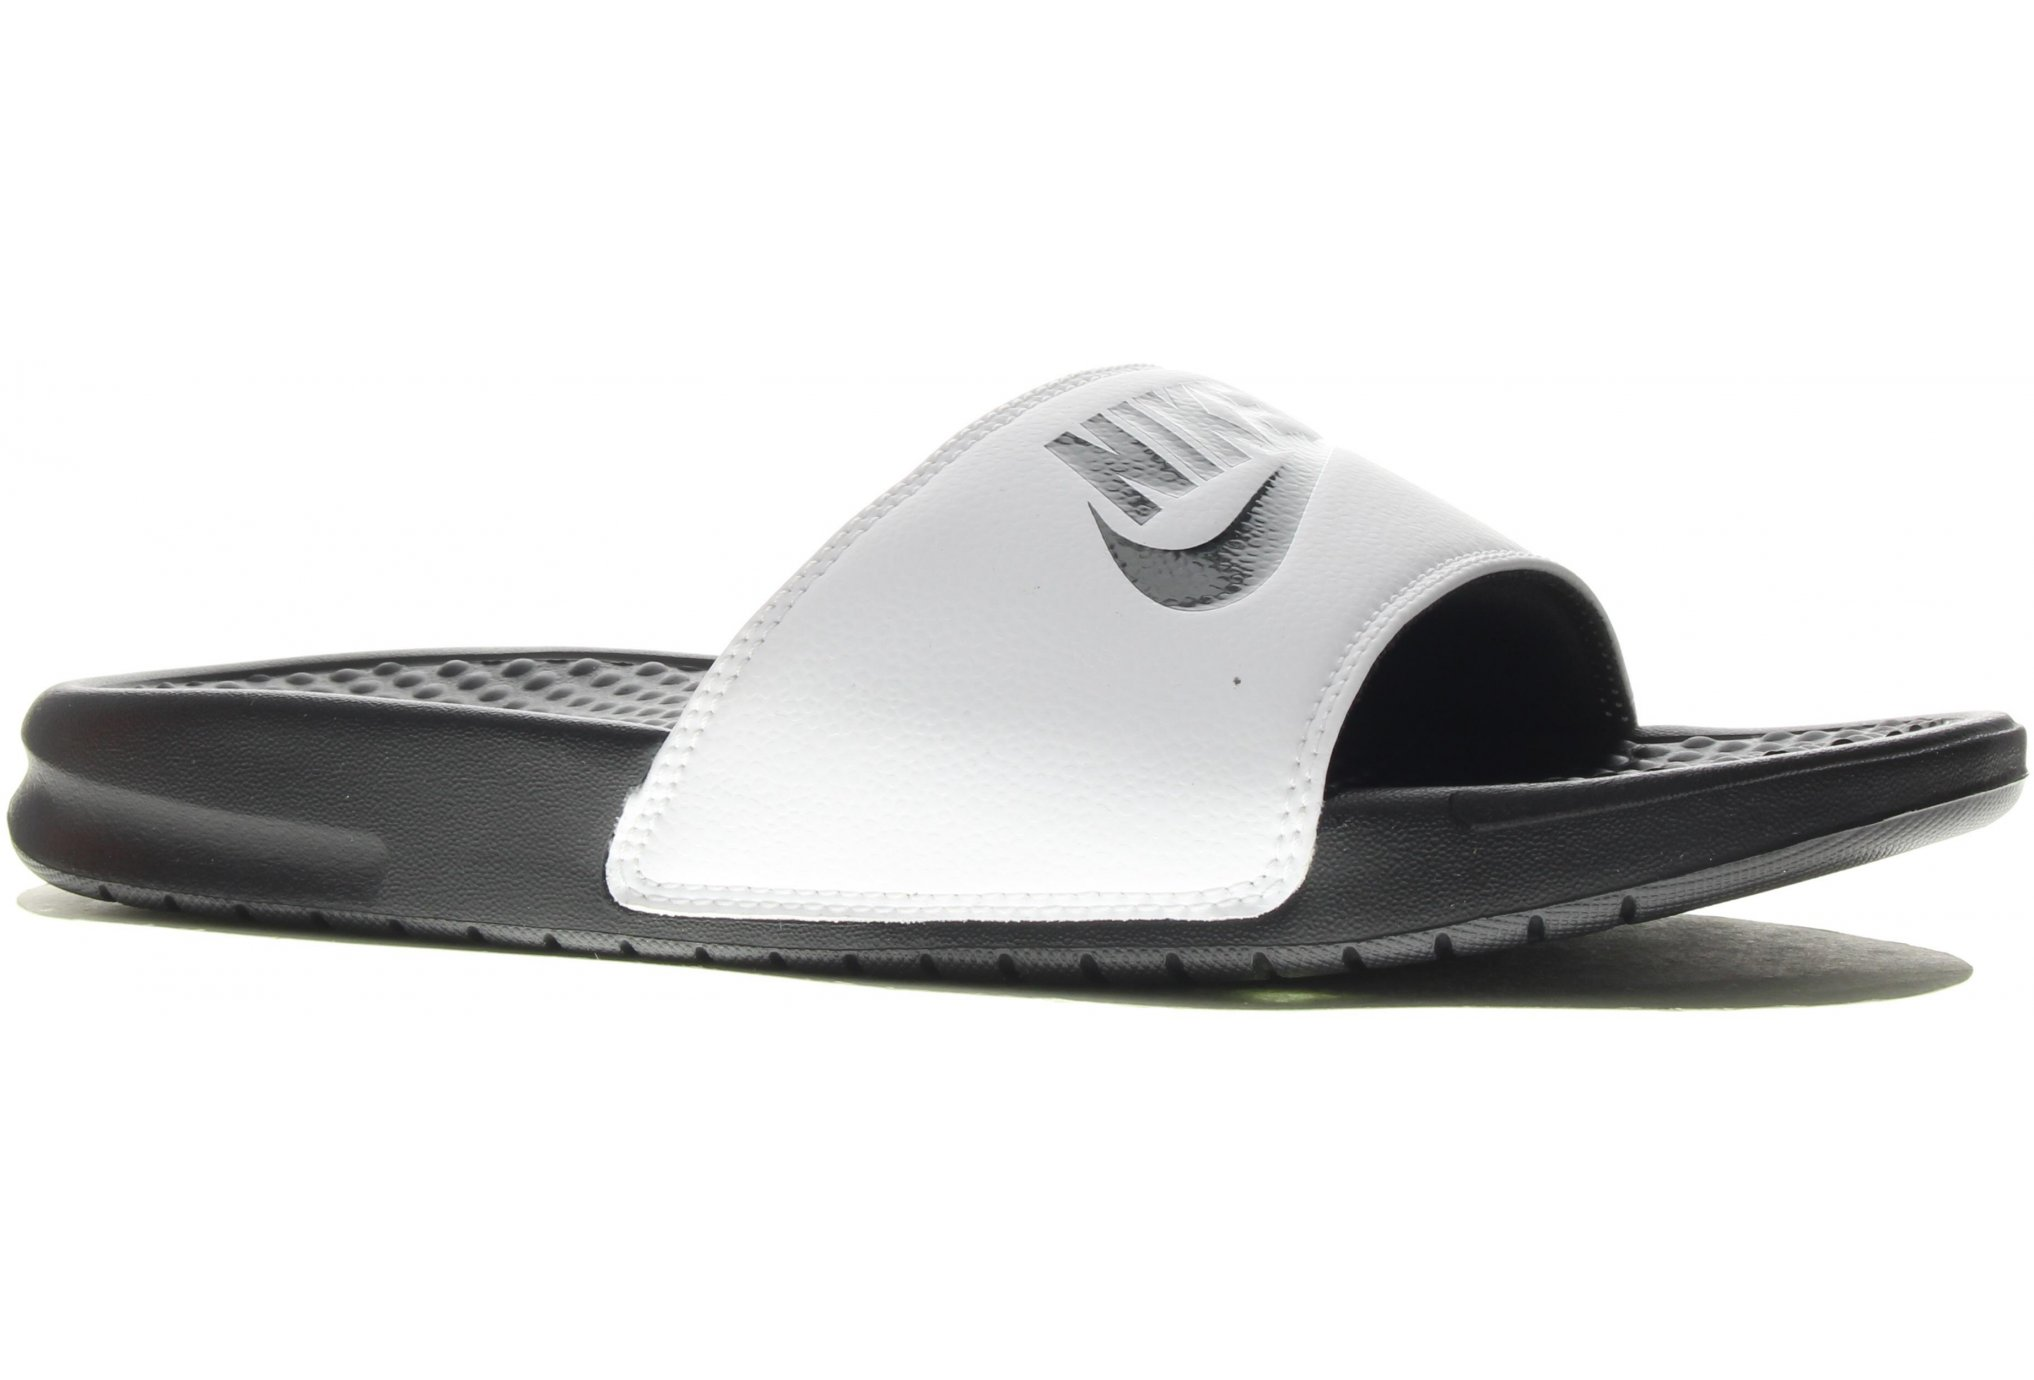 Nike Claquettes Benassi JDI M Diététique Chaussures homme